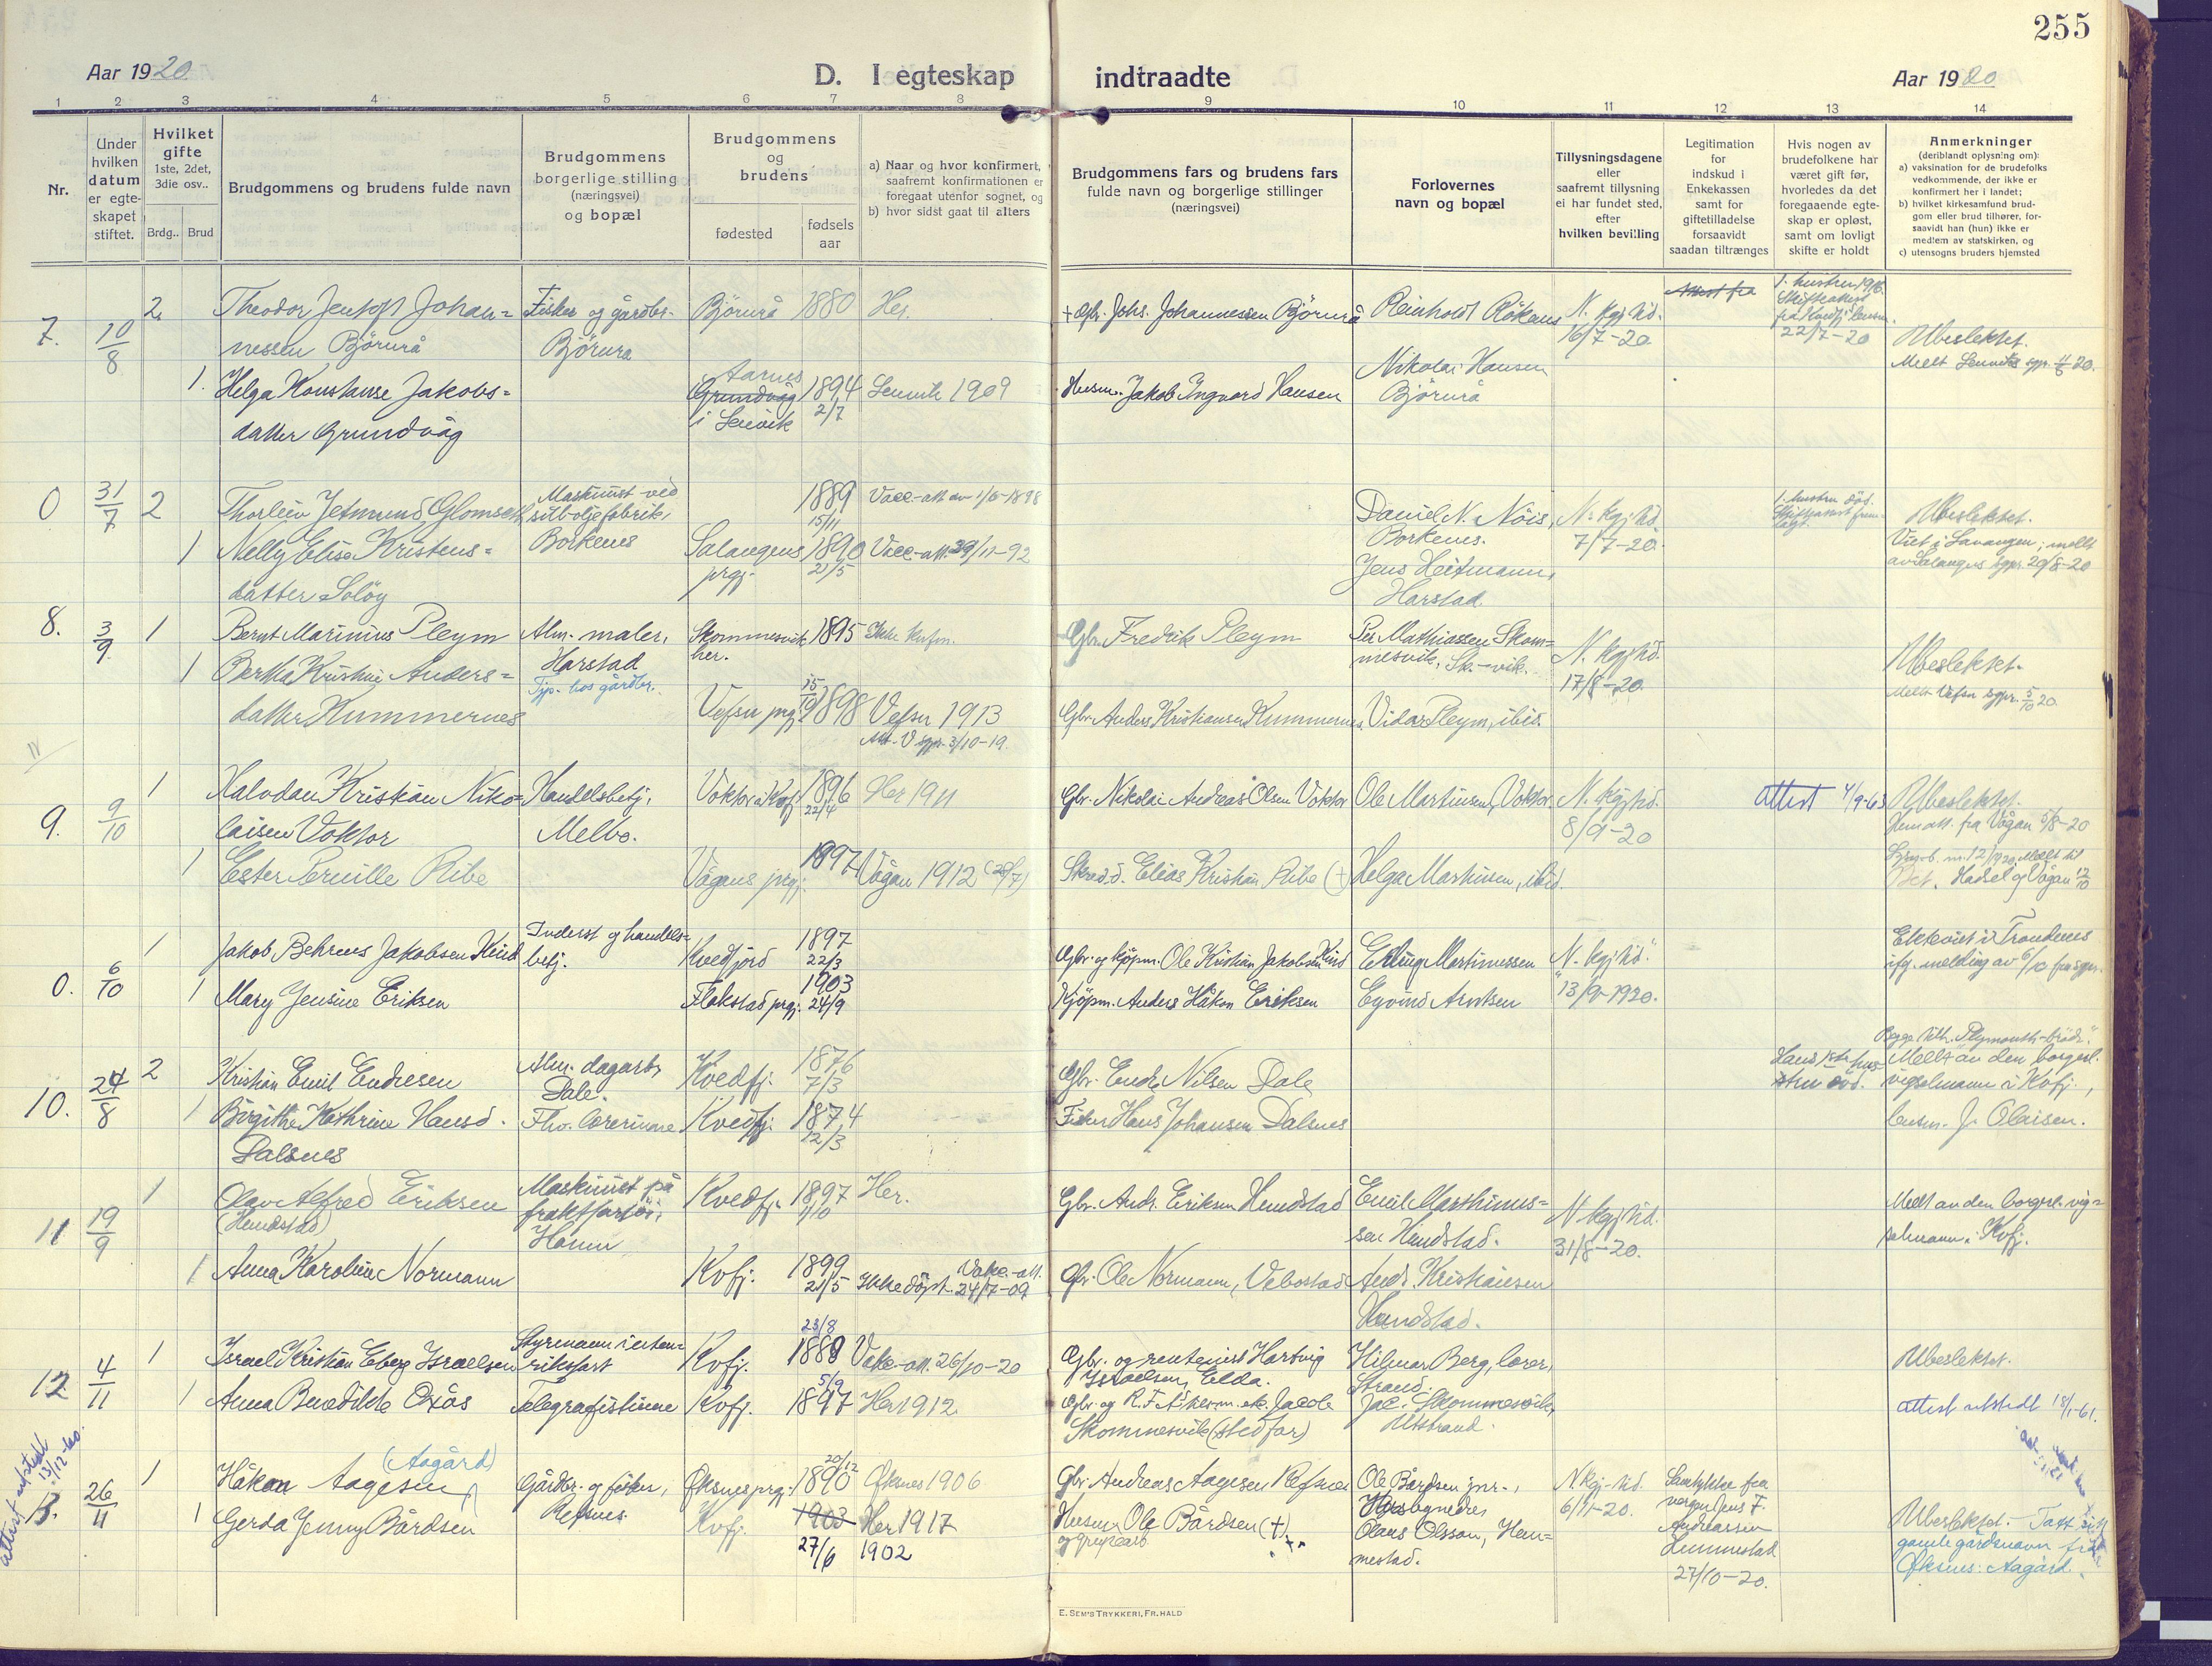 SATØ, Kvæfjord sokneprestkontor, G/Ga/Gaa/L0007kirke: Ministerialbok nr. 7, 1915-1931, s. 255